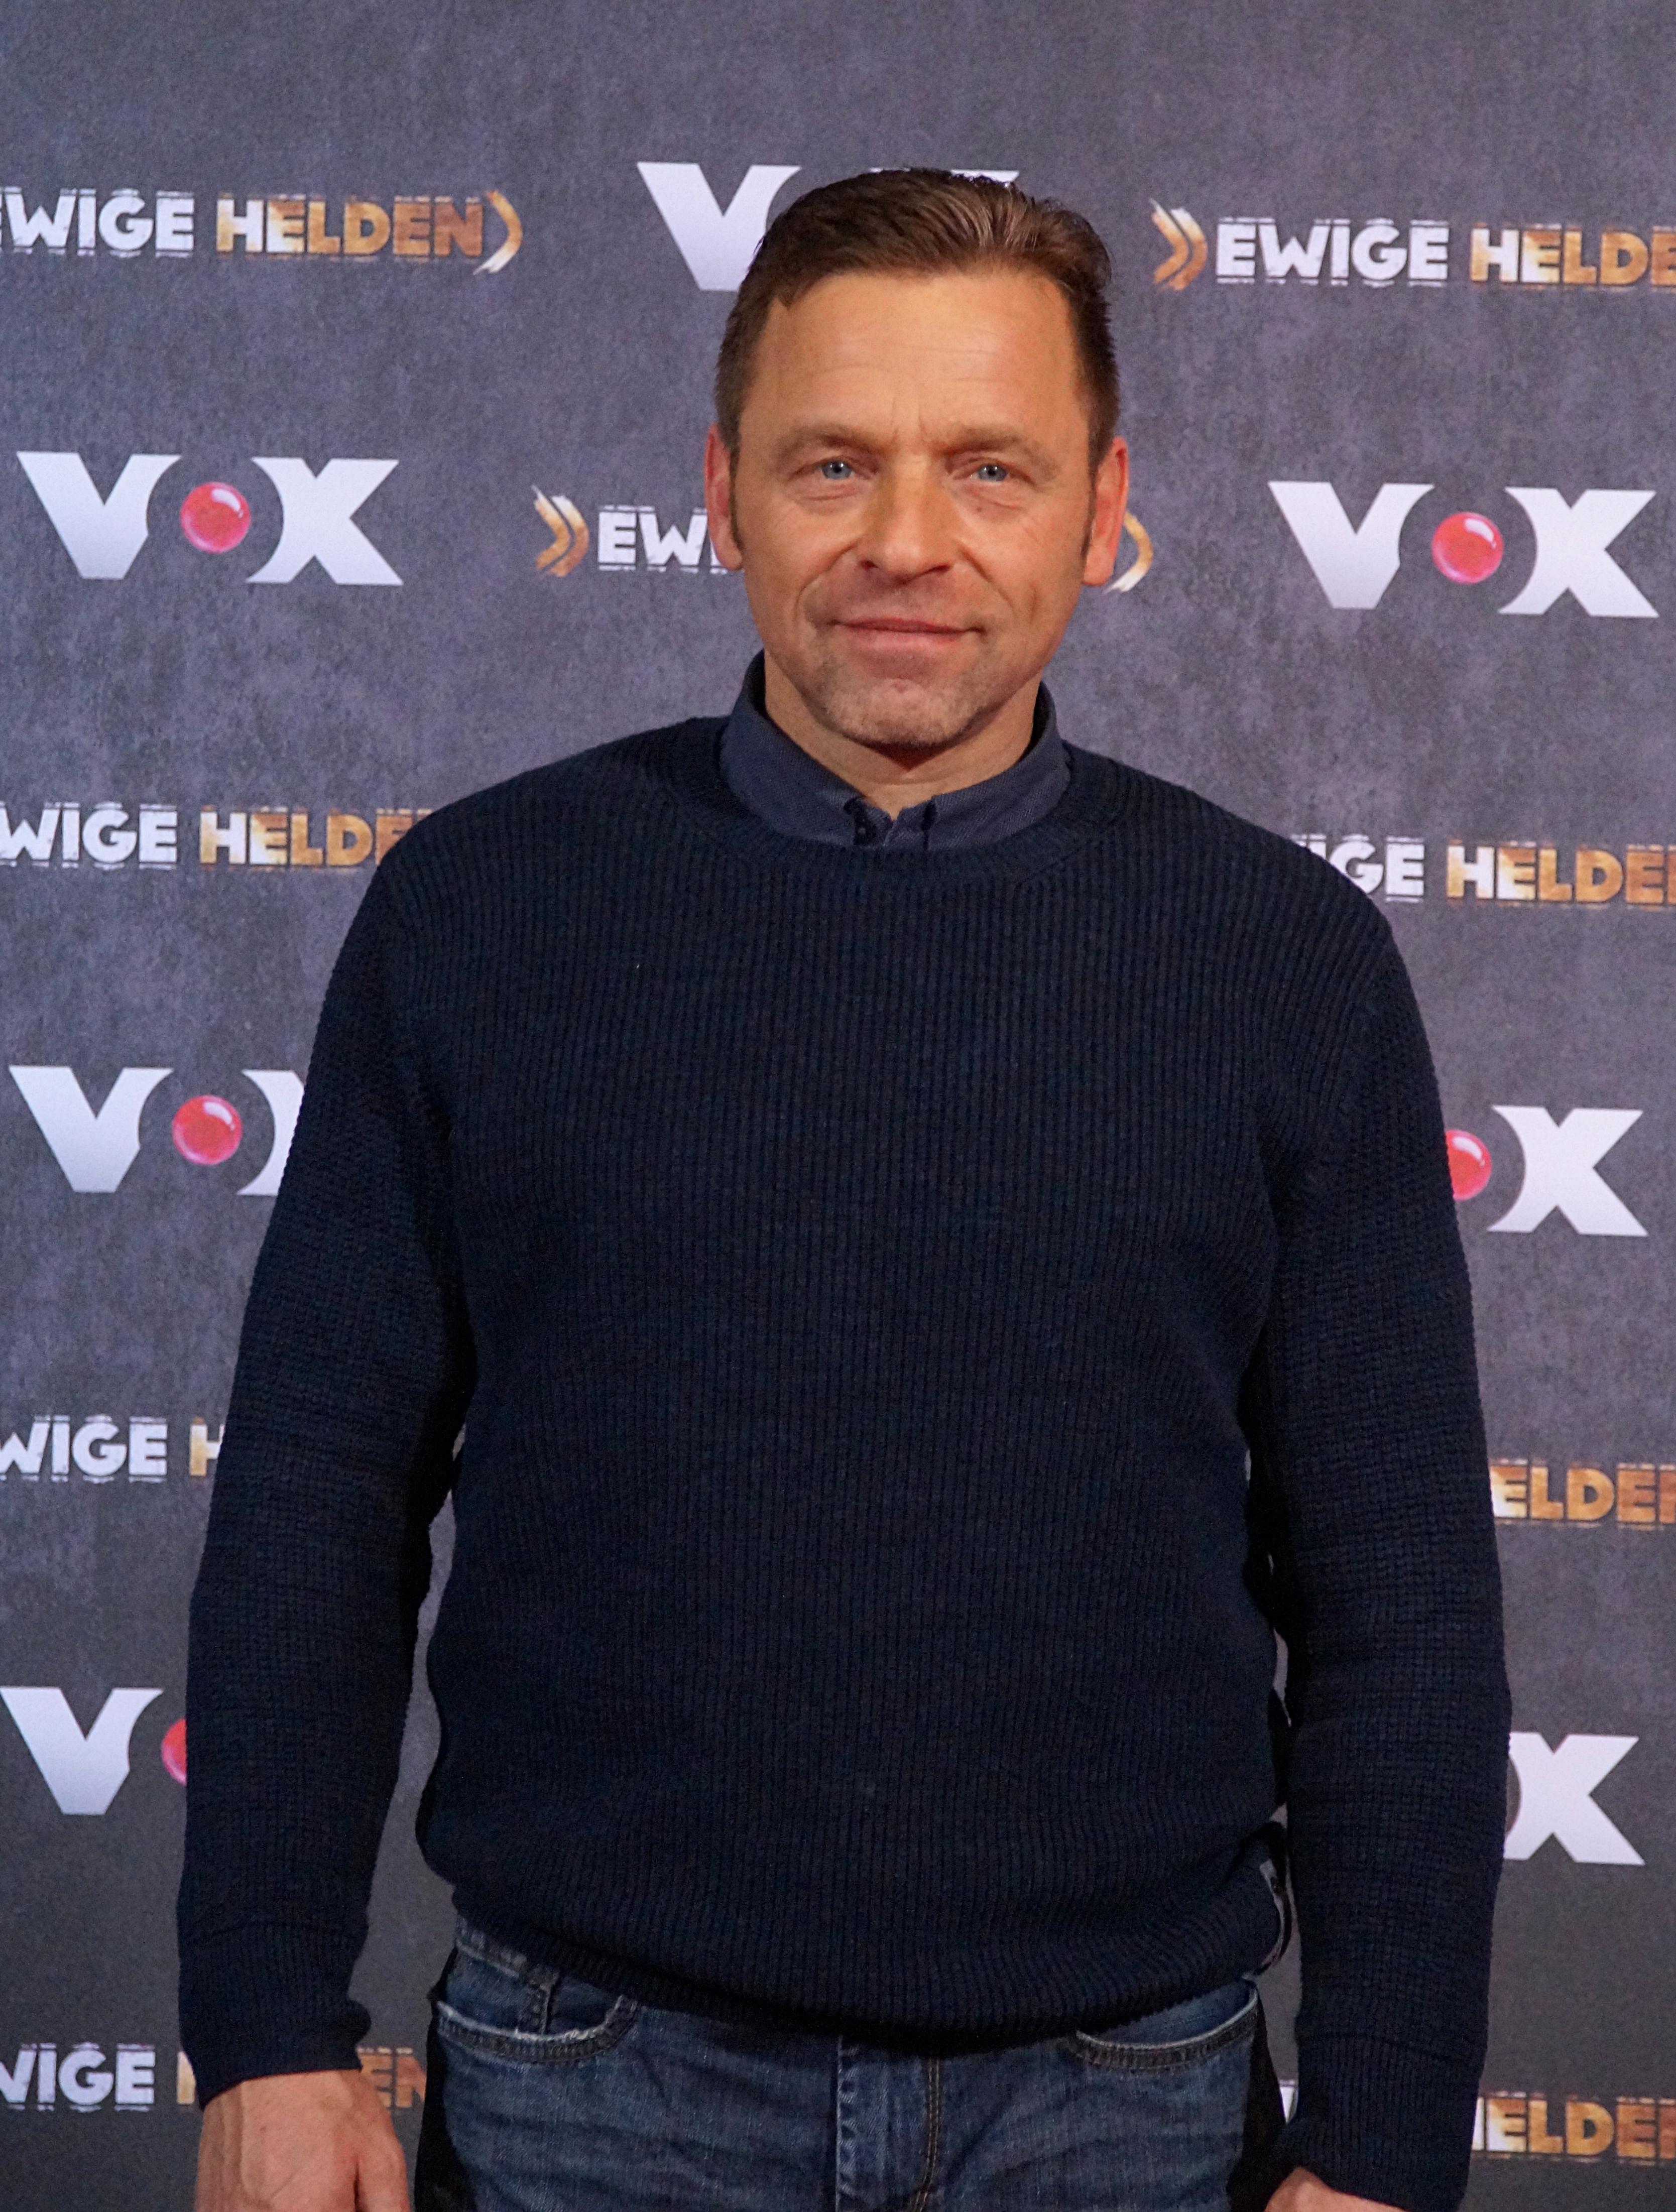 Er 53-år gammel 166 cm høj Thomas Häßler i 2019